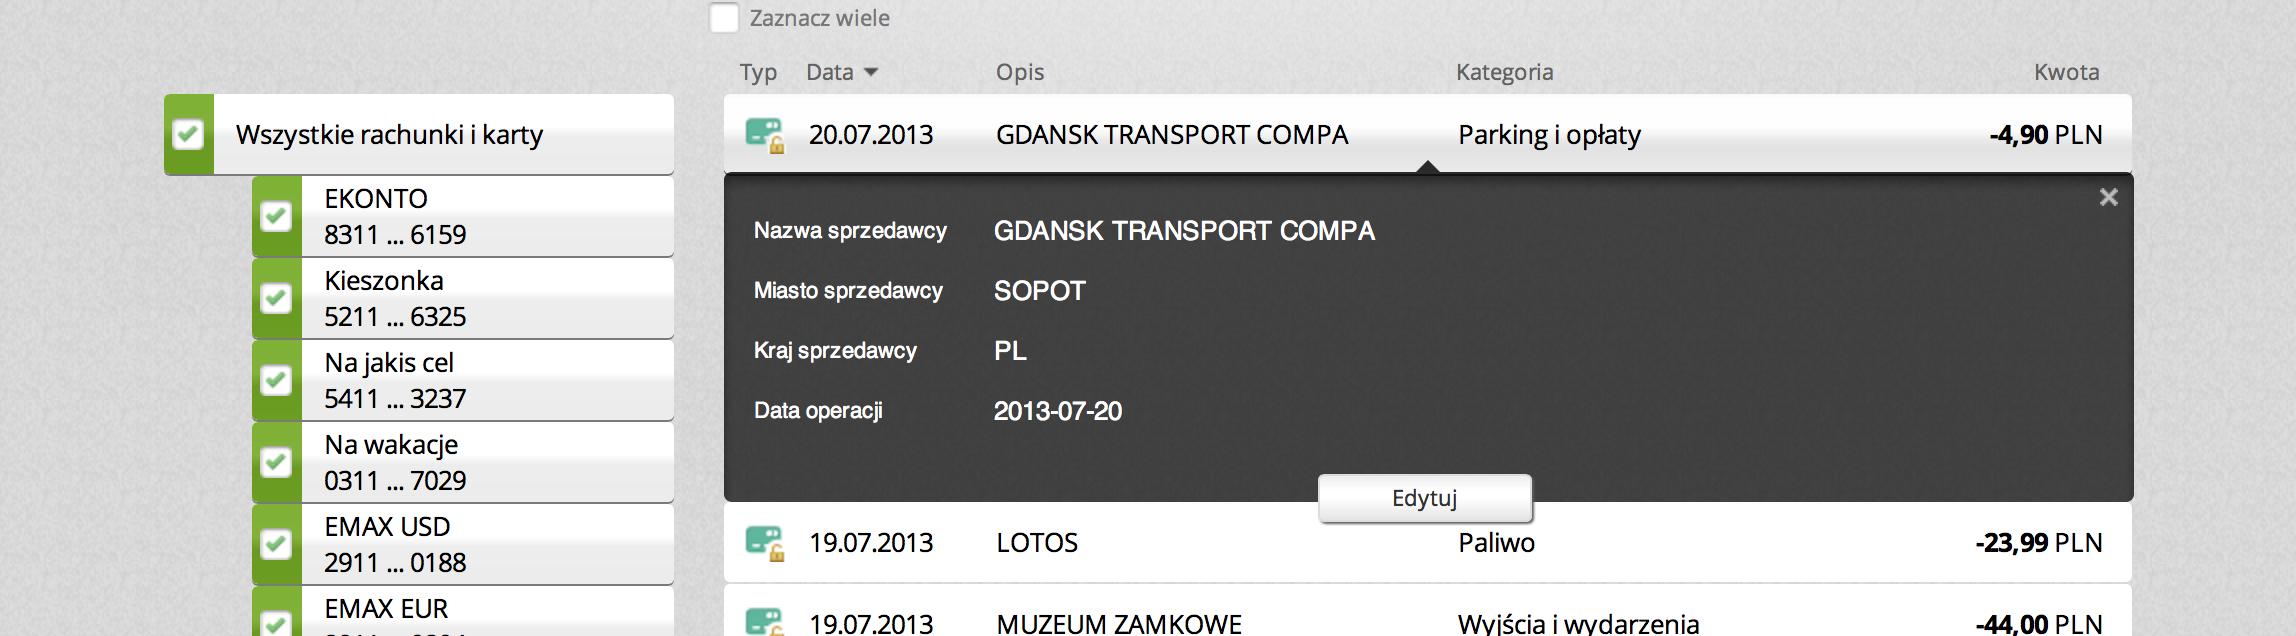 Screen Shot 2013-07-20 at 7.46.53 PM